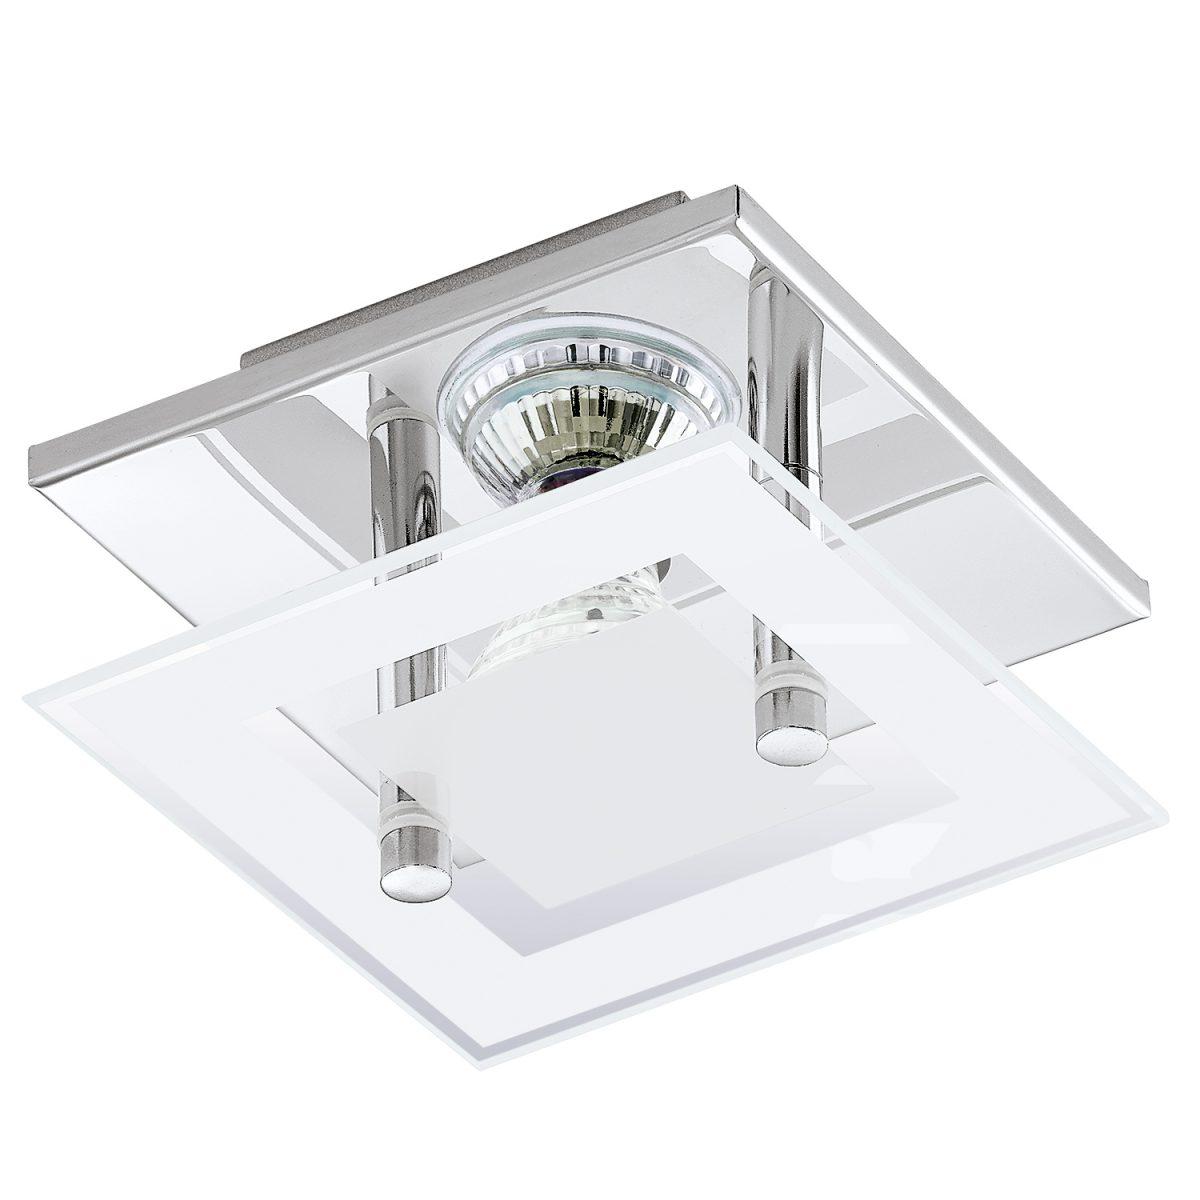 Светильник настенно-потолочный ALMANA EGLO 94224 - Фото №28